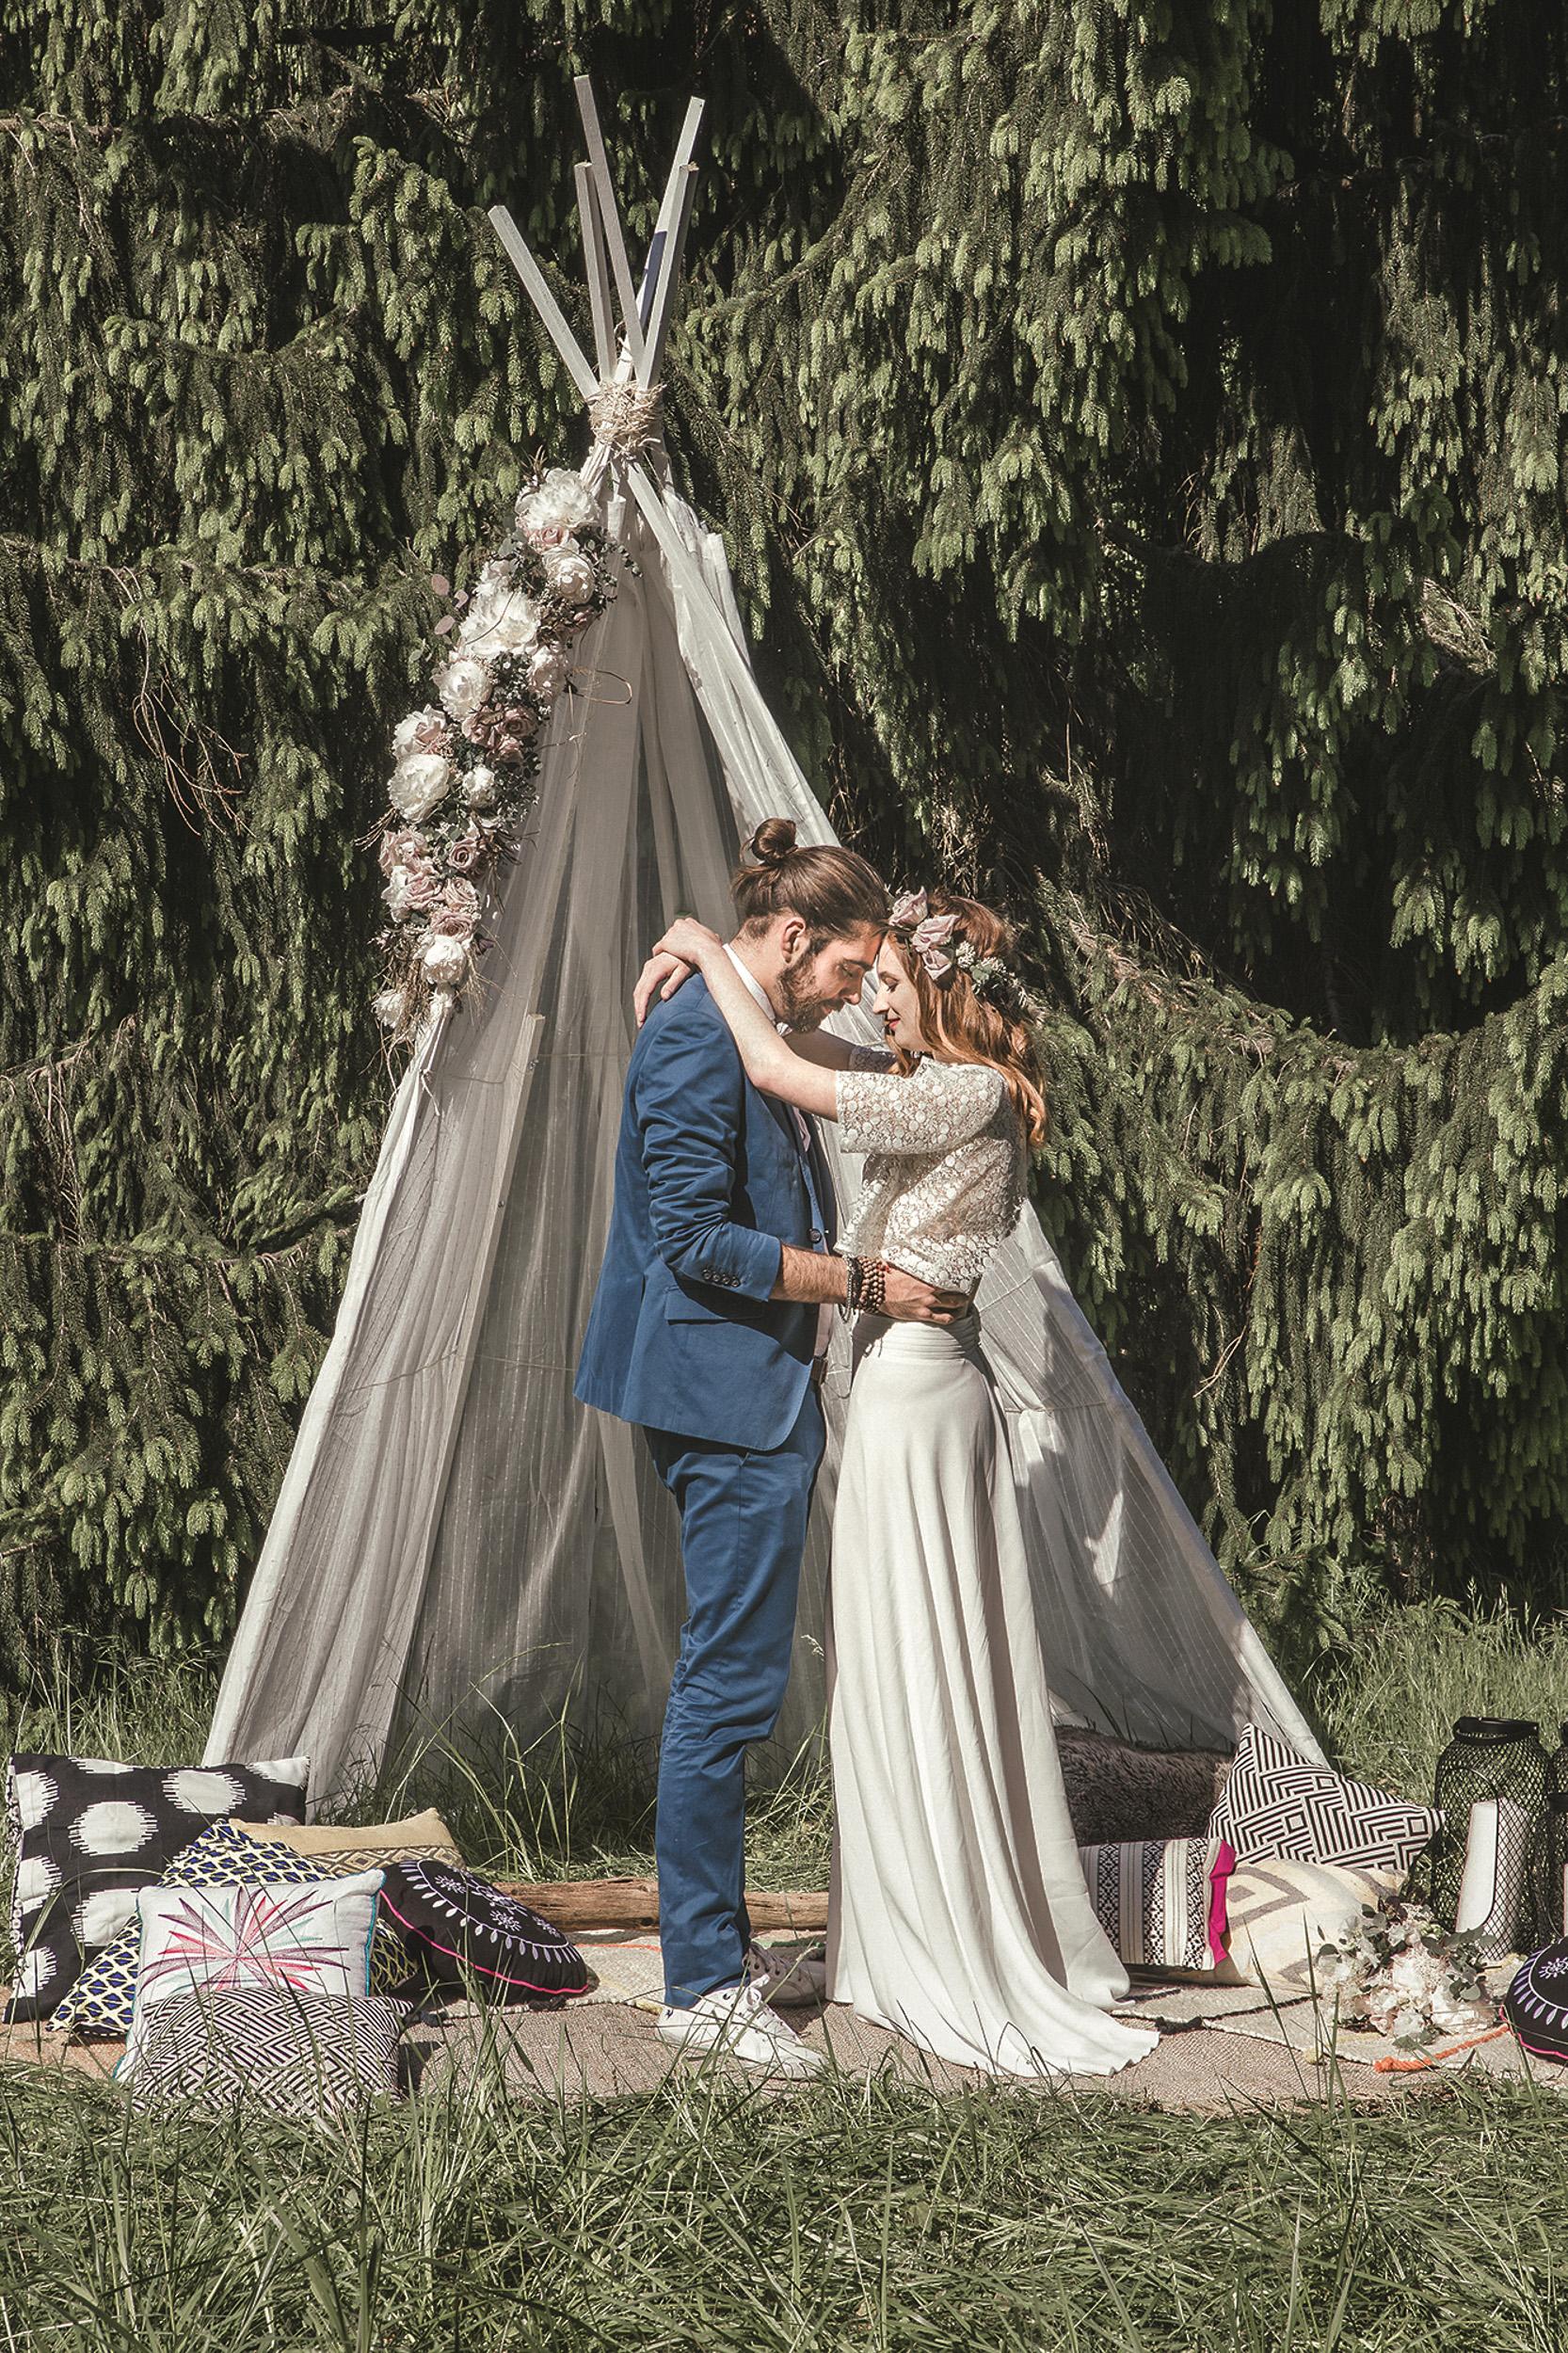 mariage boheme inspiration photographe-1